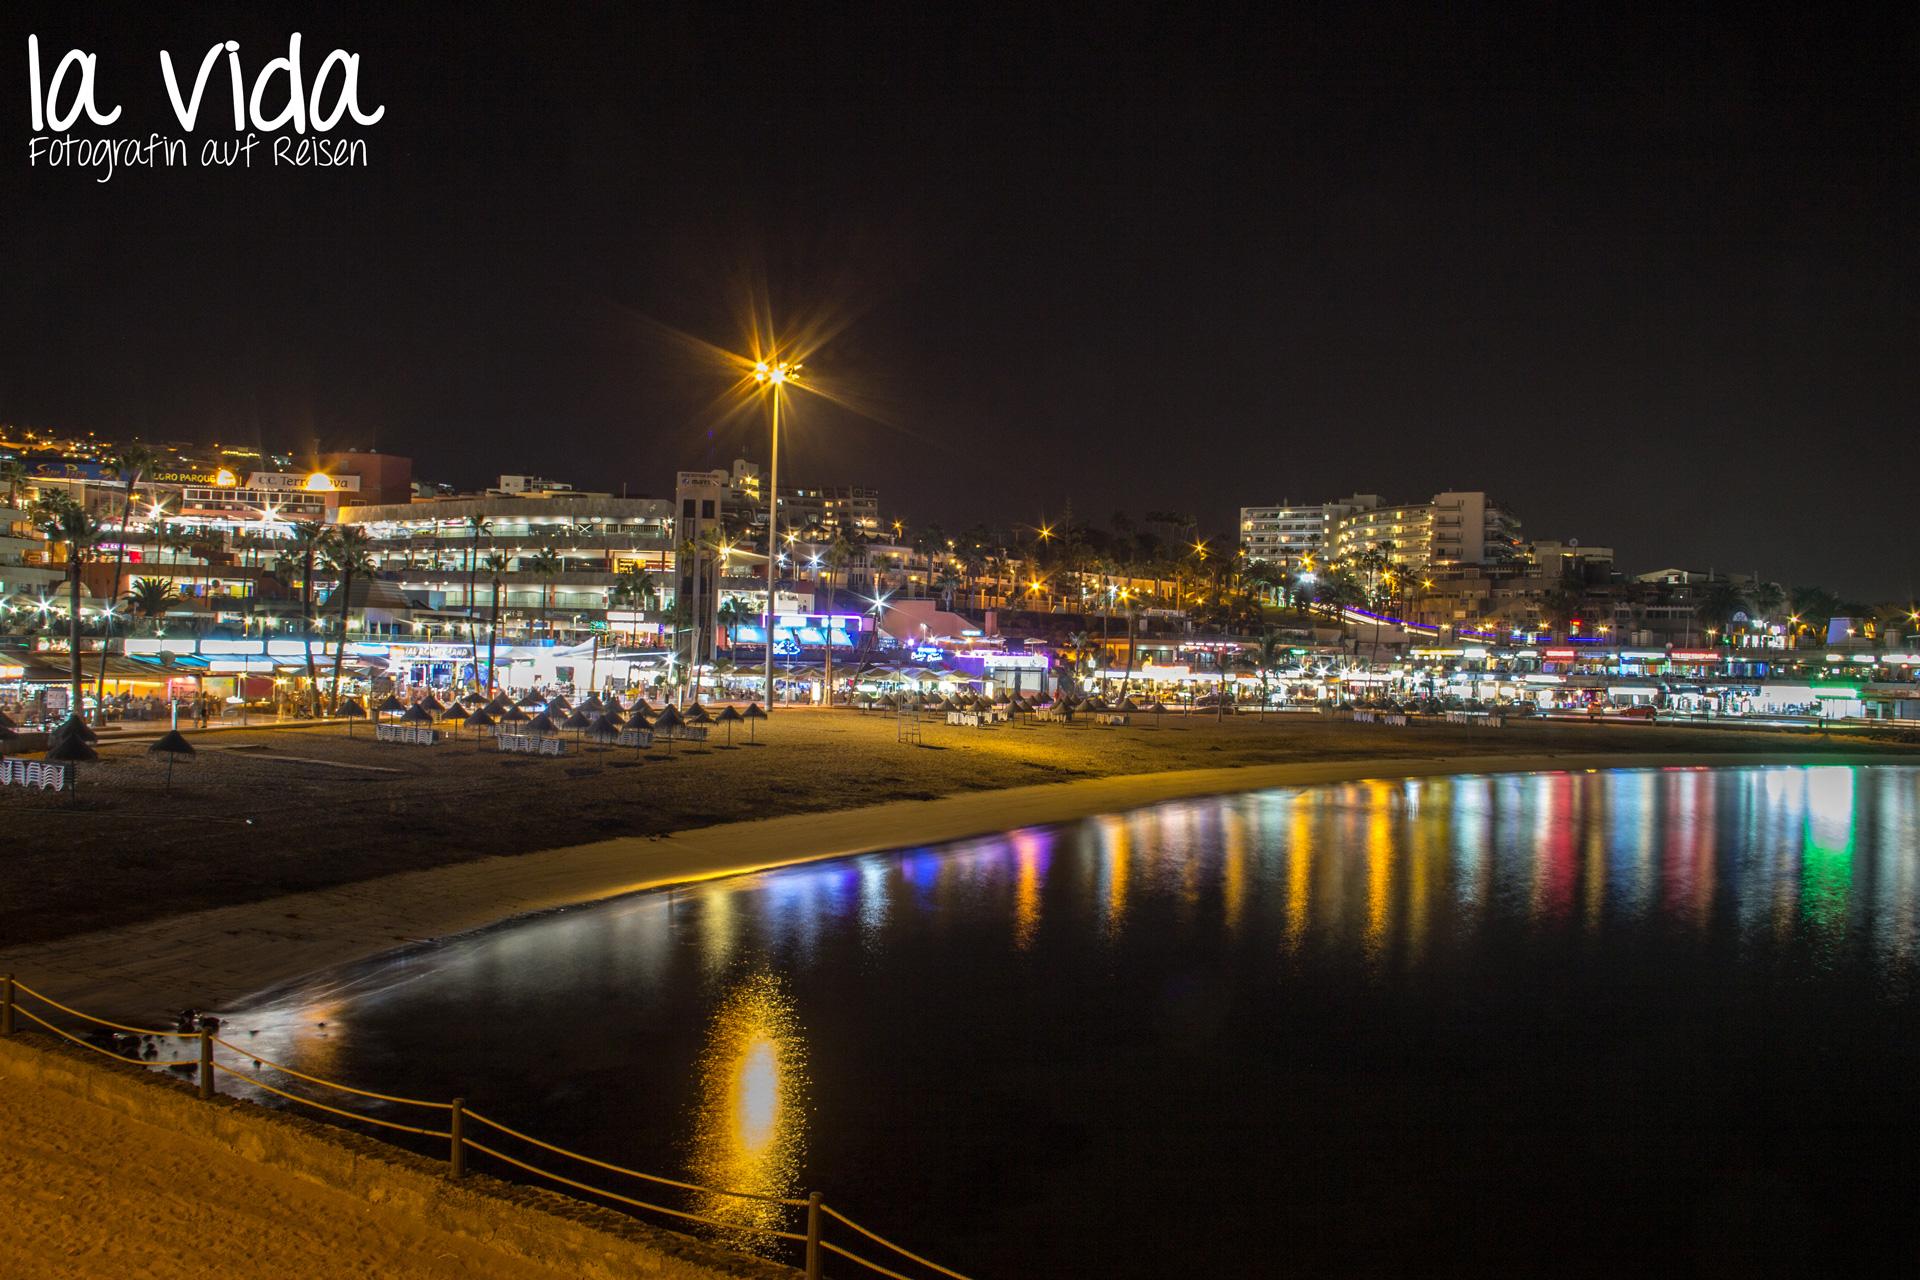 Nachtaufnahme der Strandpromenade von Costa Adeje (Teneriffa)